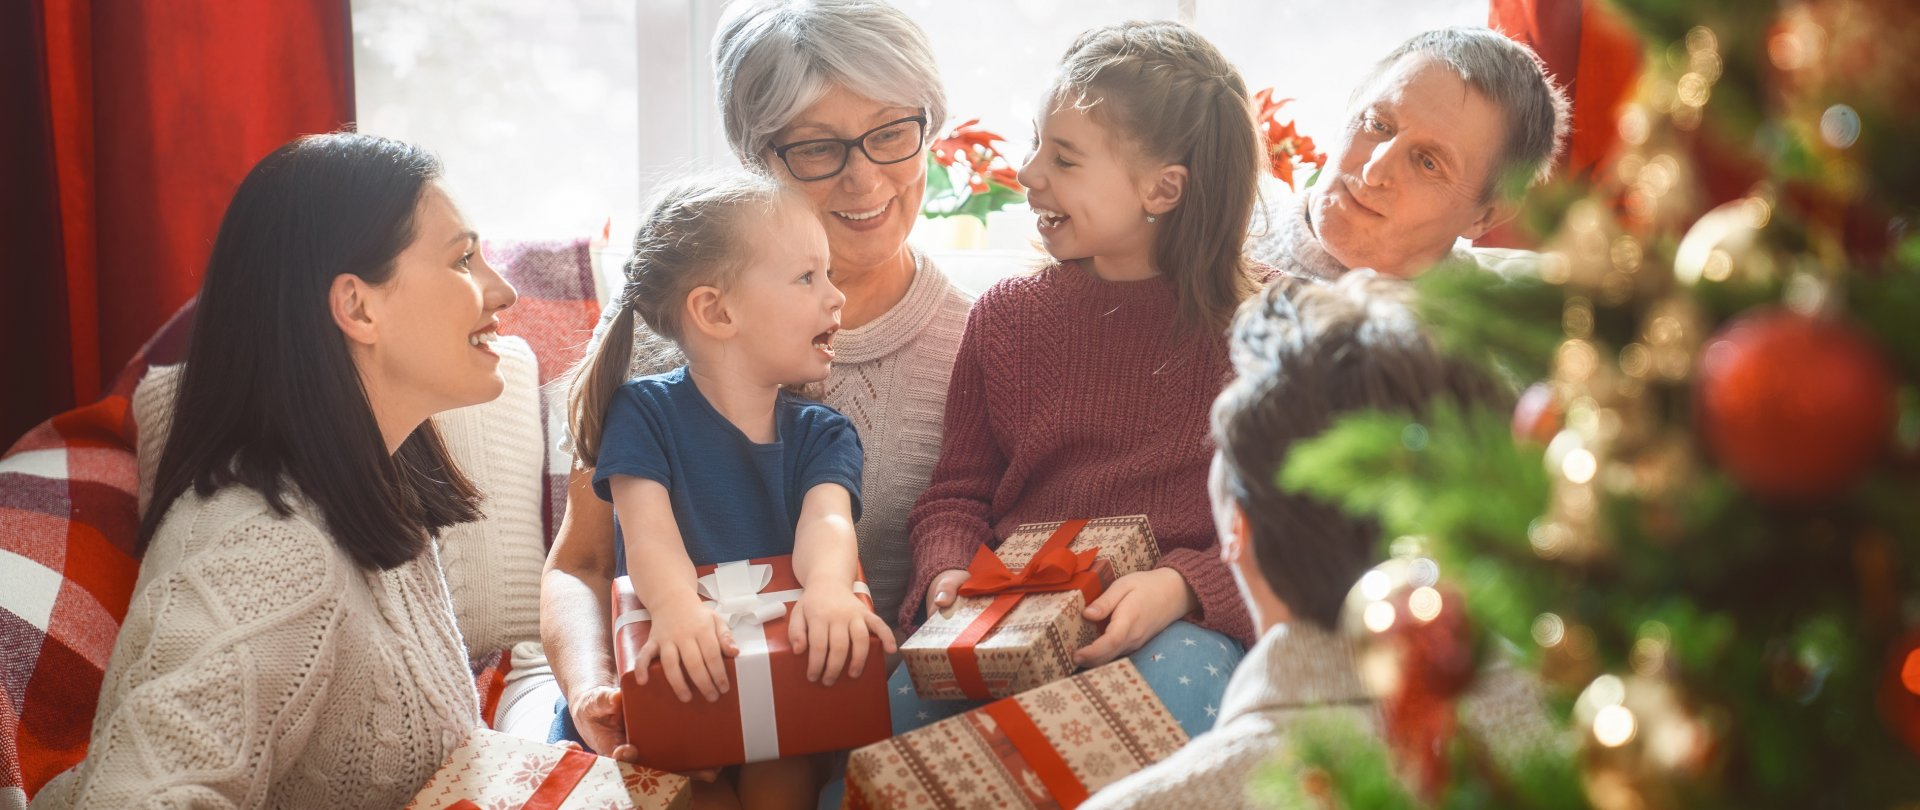 Rodzinne Święta Bożego Narodzenia 3 noclegi/ 4 dni